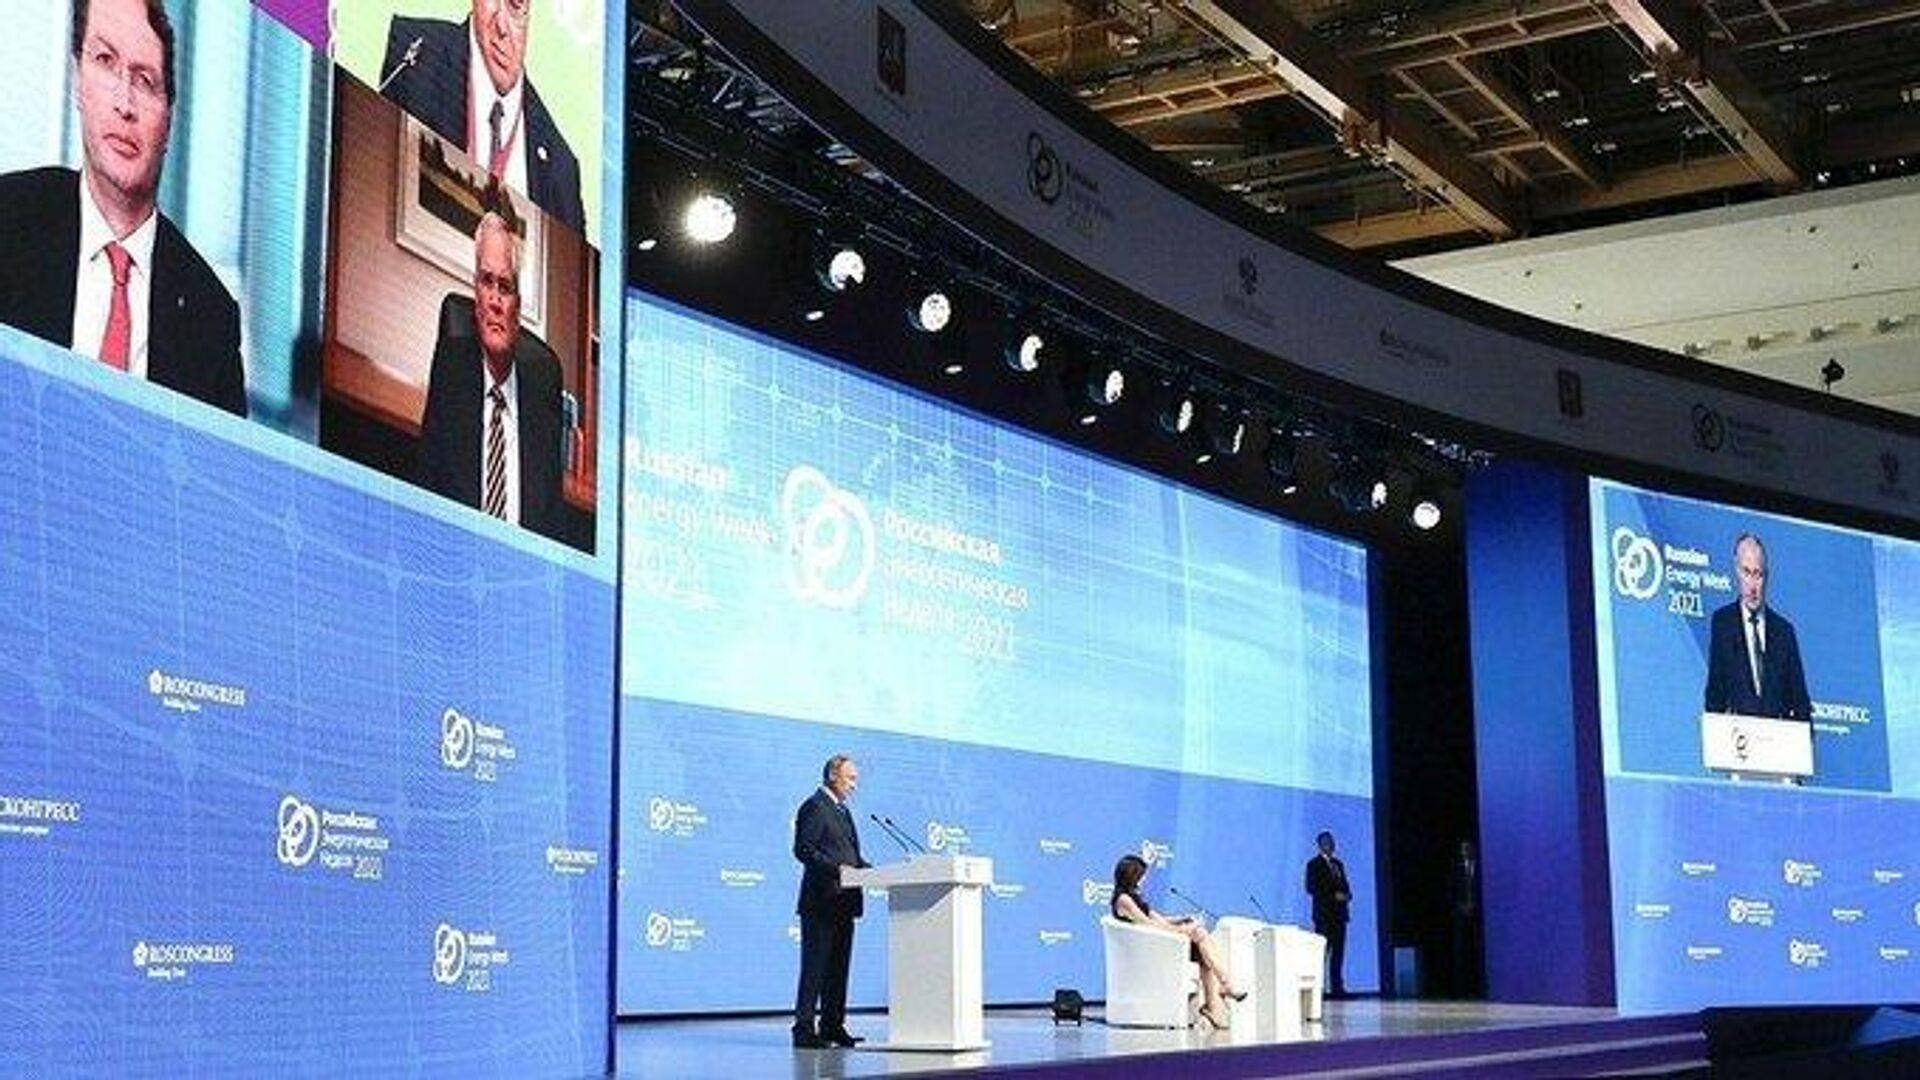 Президент РФ В. Путин принял участие в пленарном заседании форума Российская энергетическая неделя - Sputnik Таджикистан, 1920, 13.10.2021